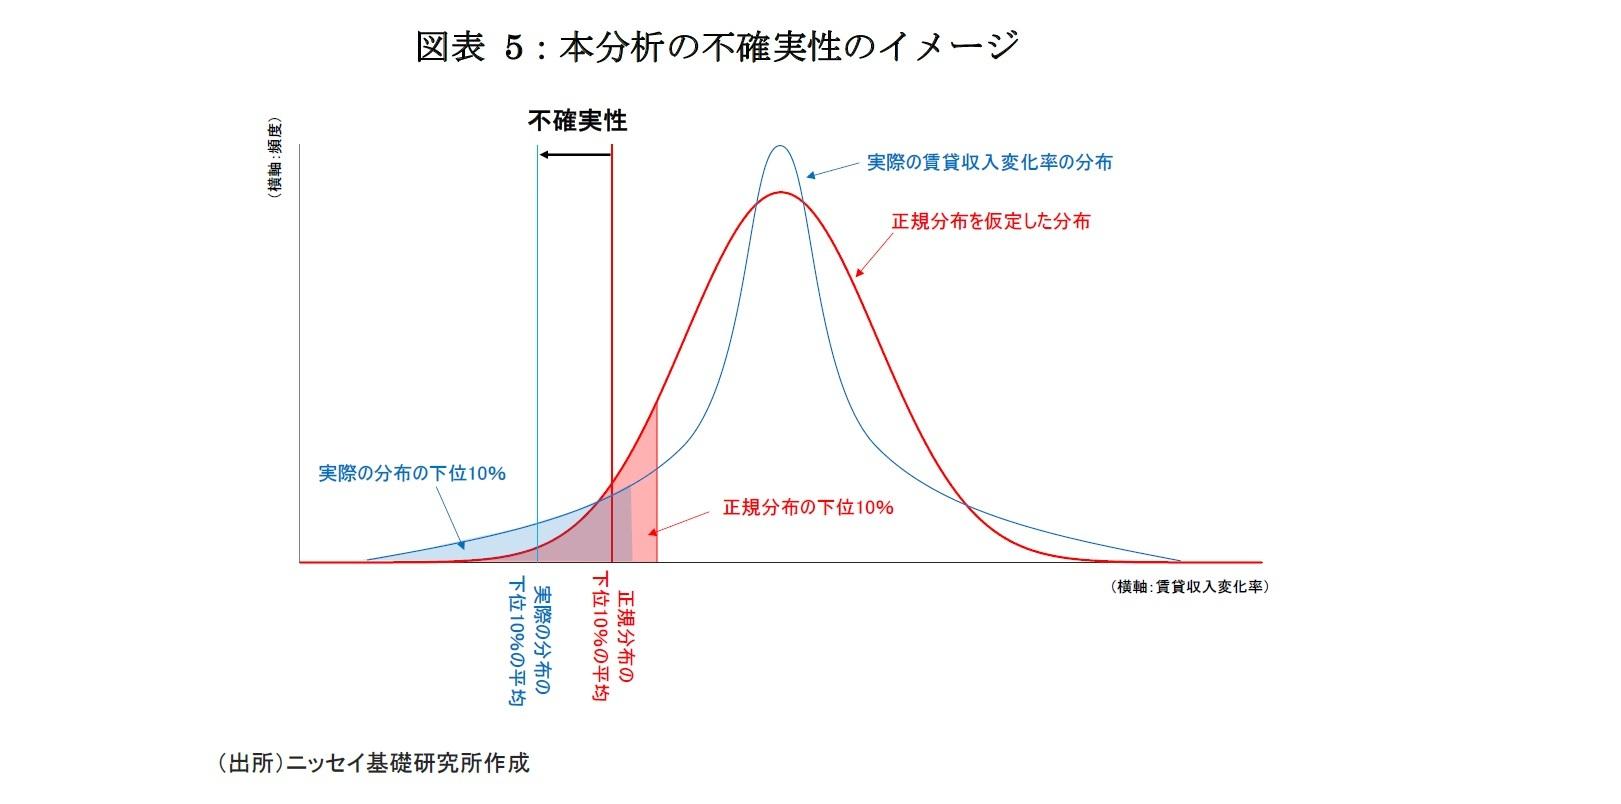 図表 5:本分析の不確実性のイメージ